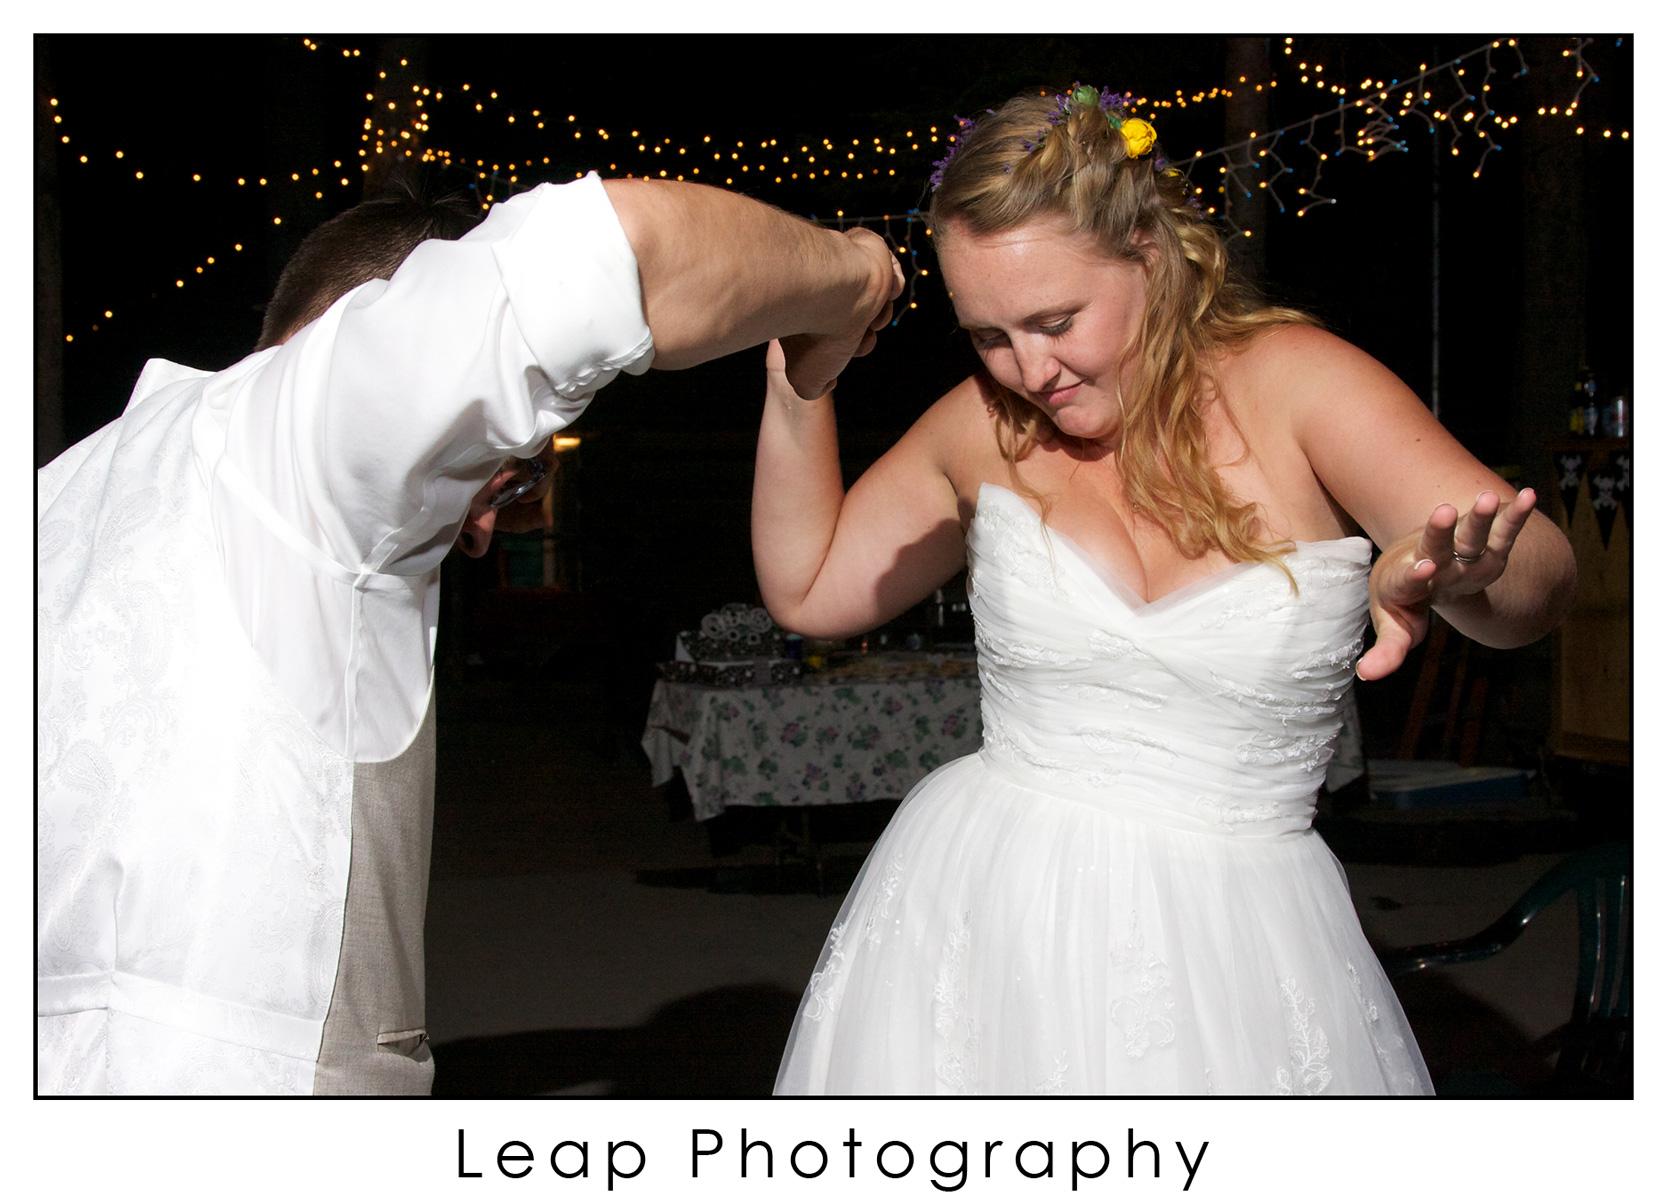 Boise_Idaho_Wedding-Photographers_Warm-Lake_012B